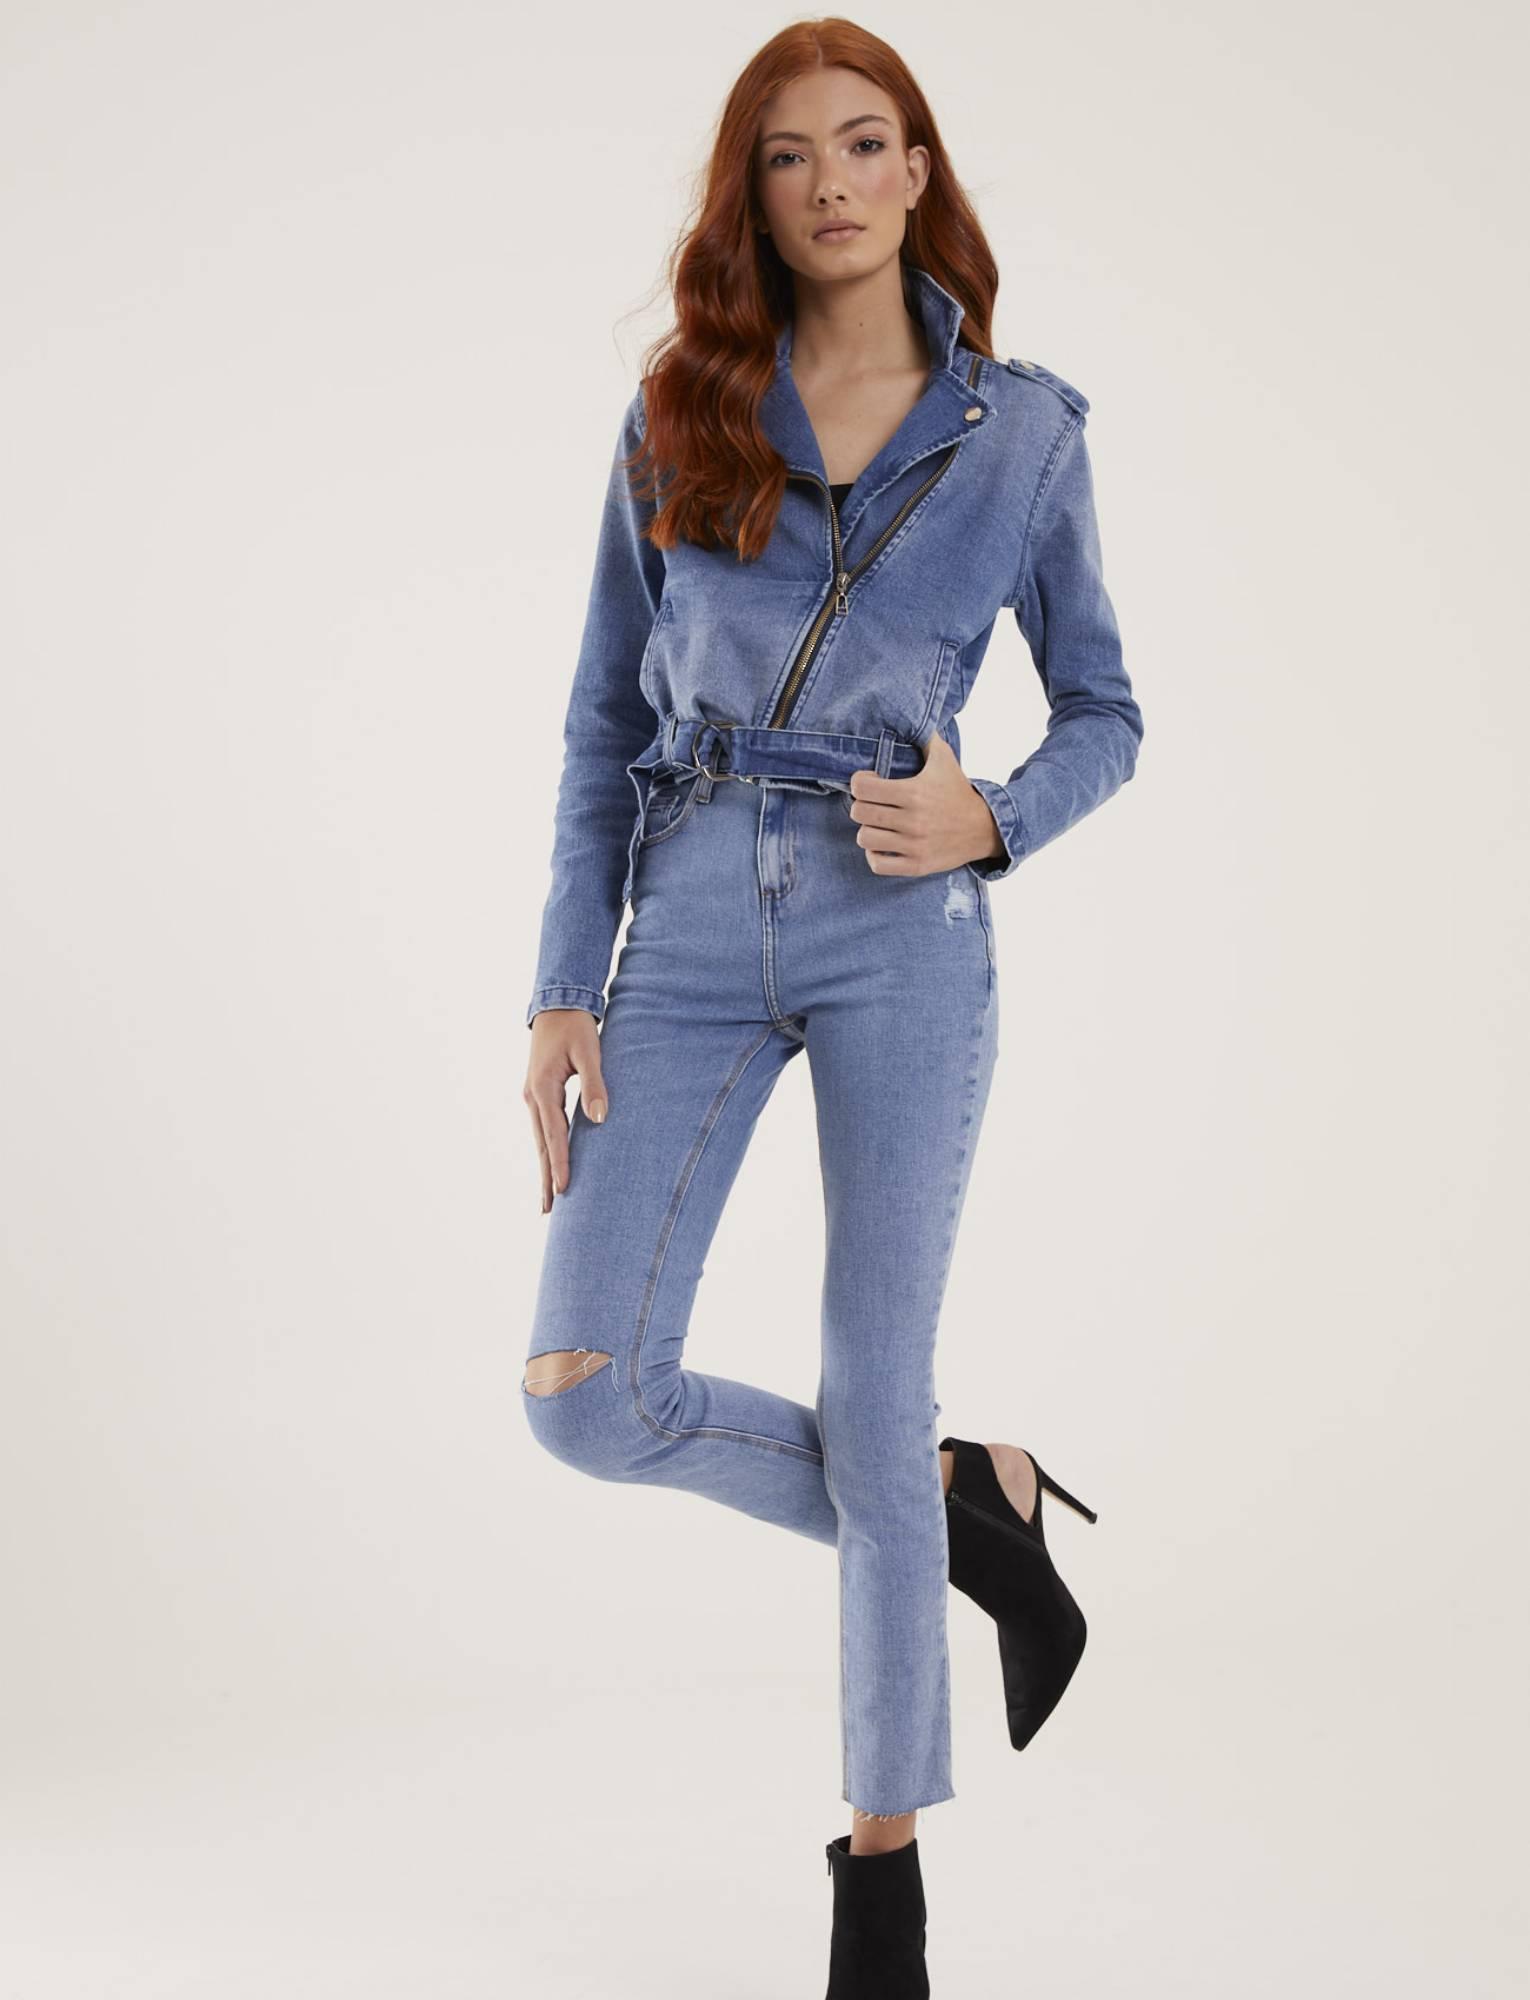 Calça Jeans Feminina Skinny com Rasgo Viena